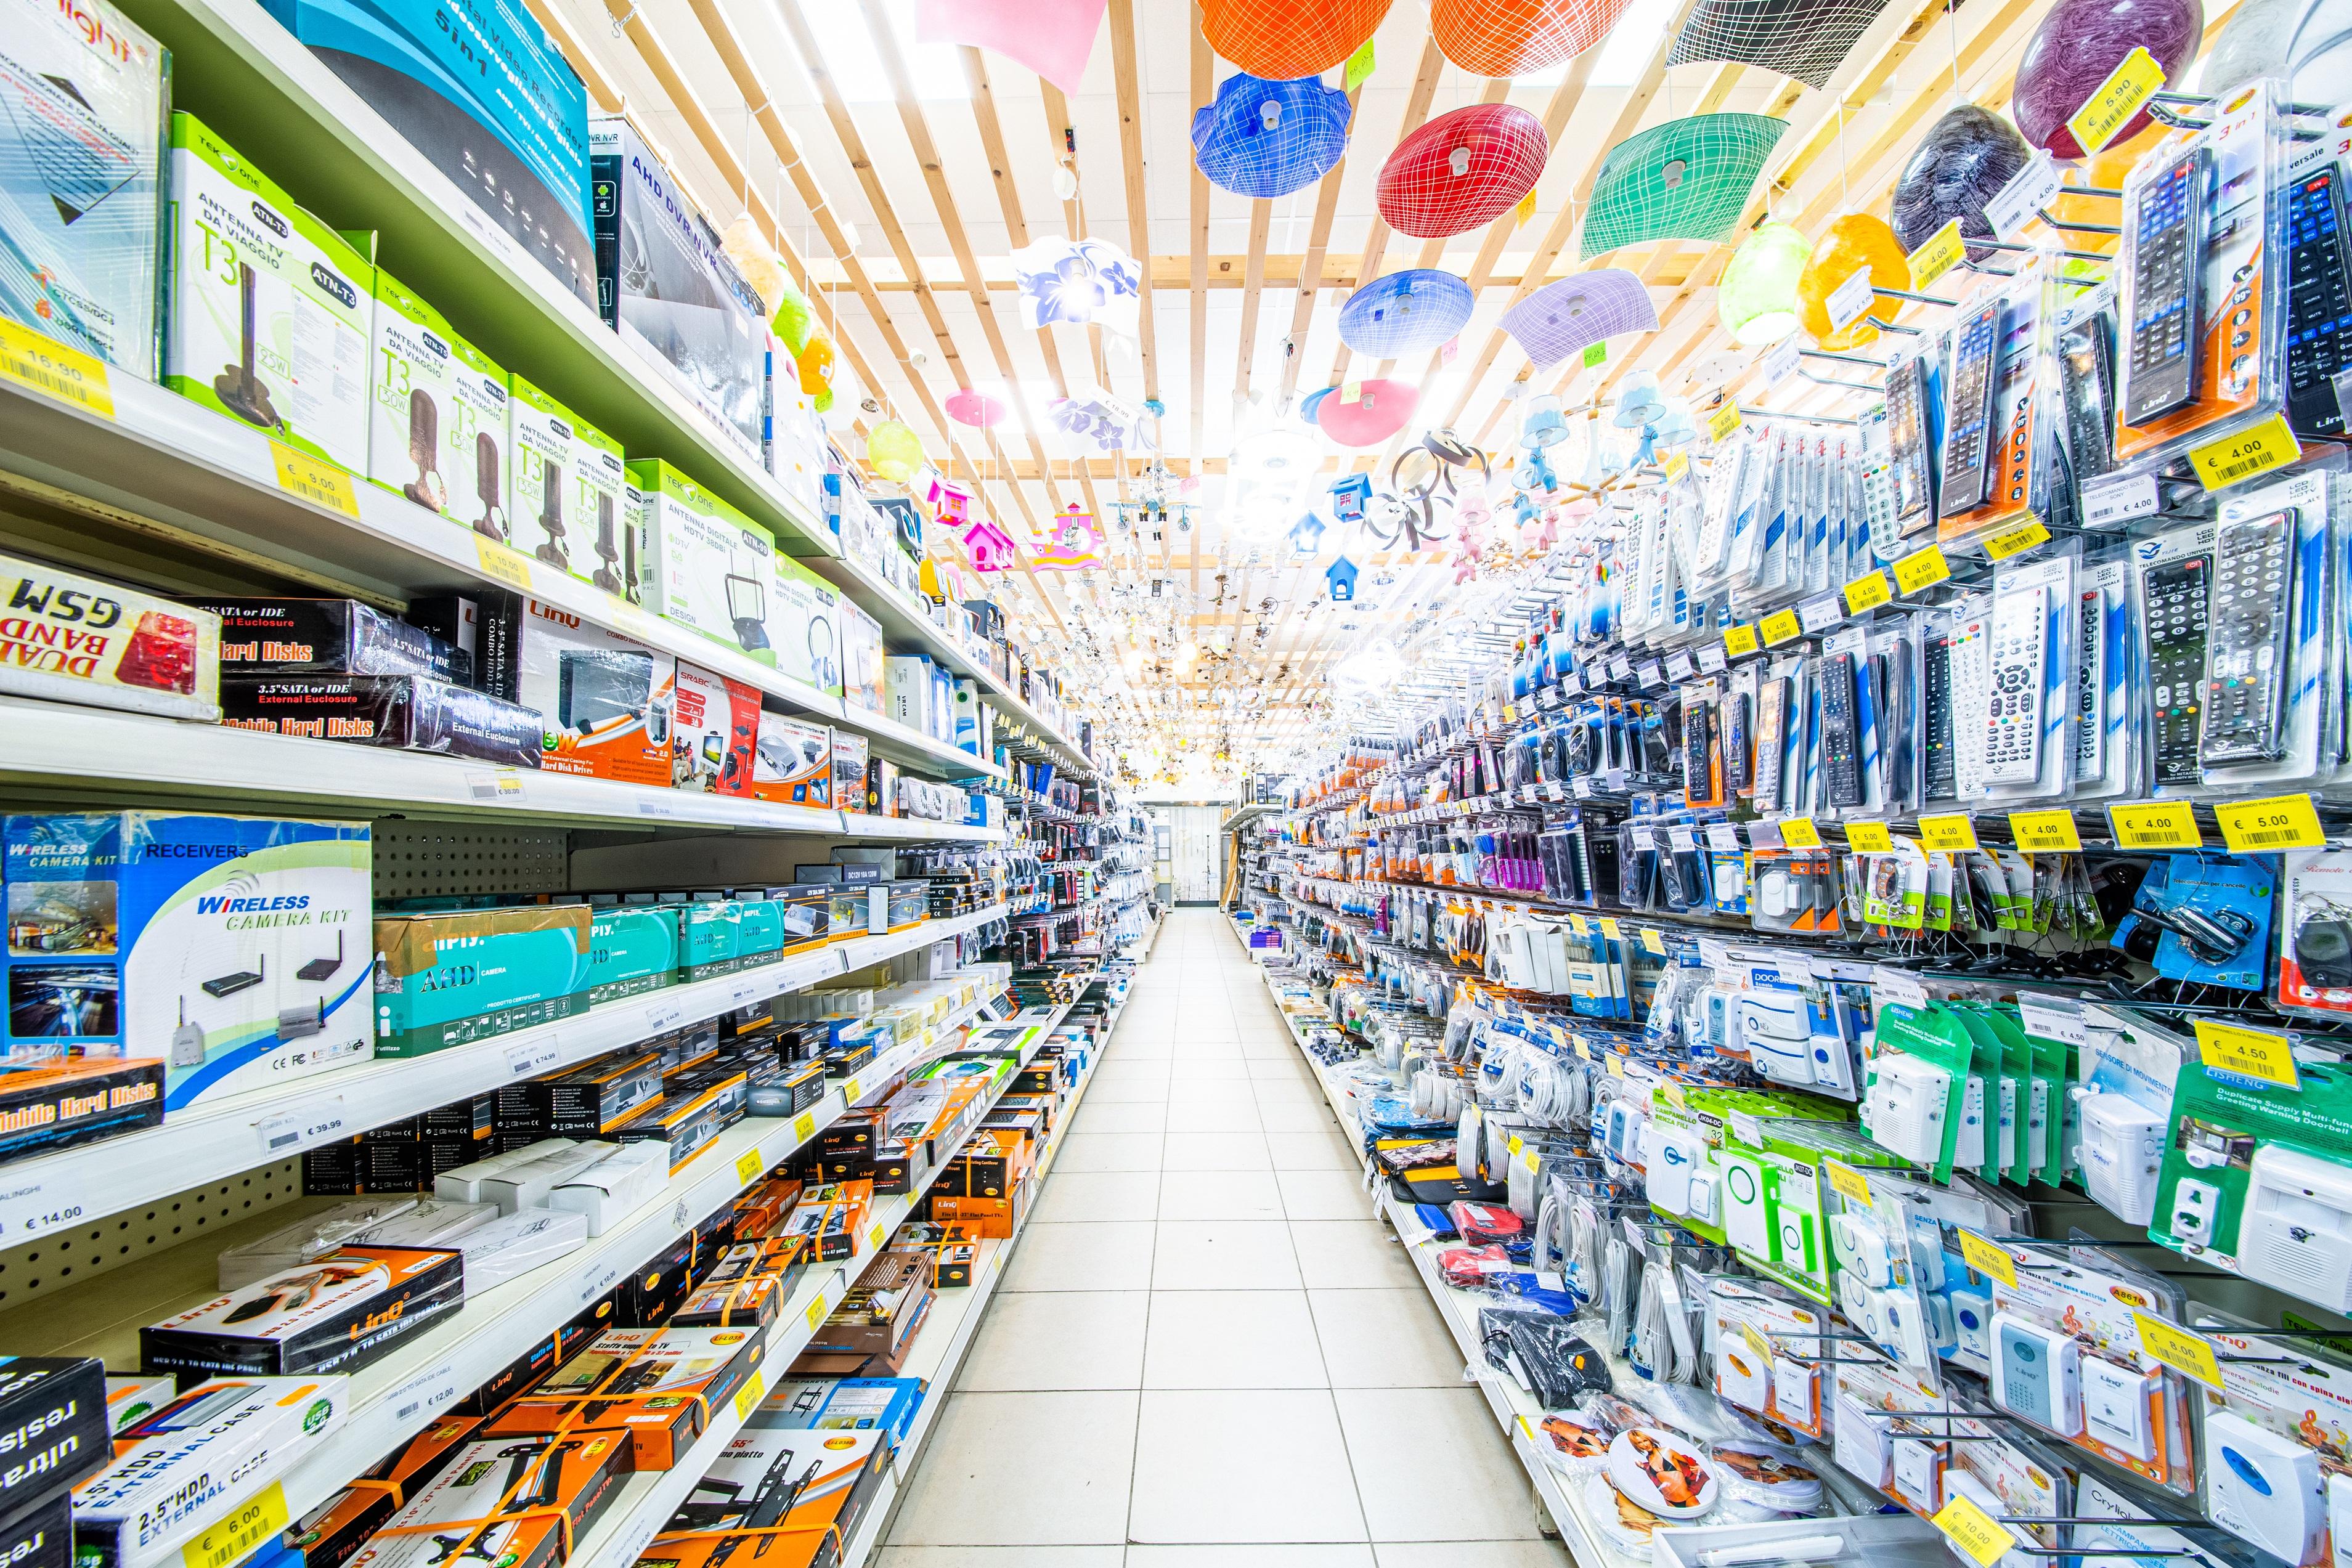 prodotti a prezzi bassi